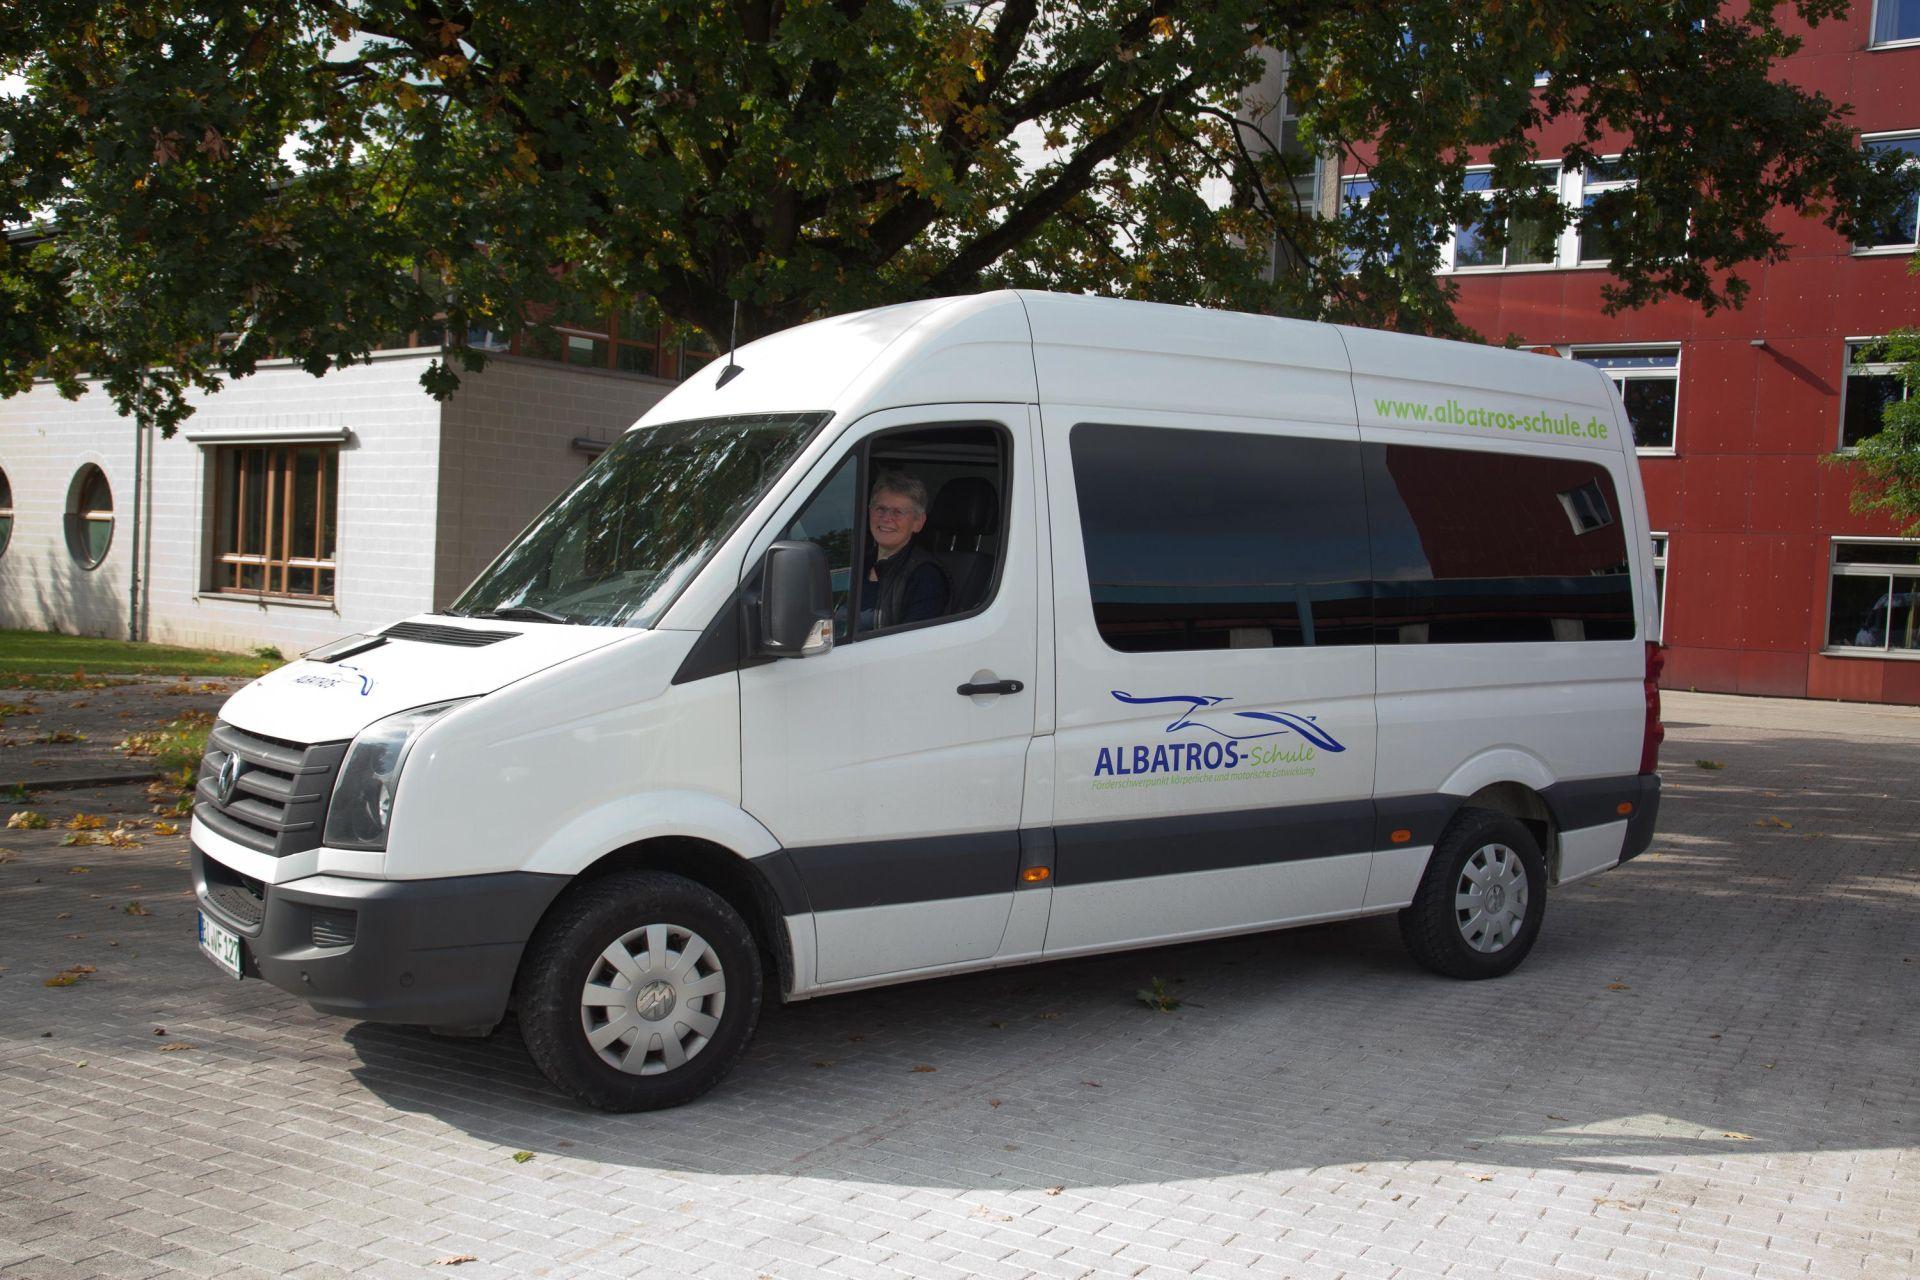 Neuer Schulbus für die Albatros-Schule